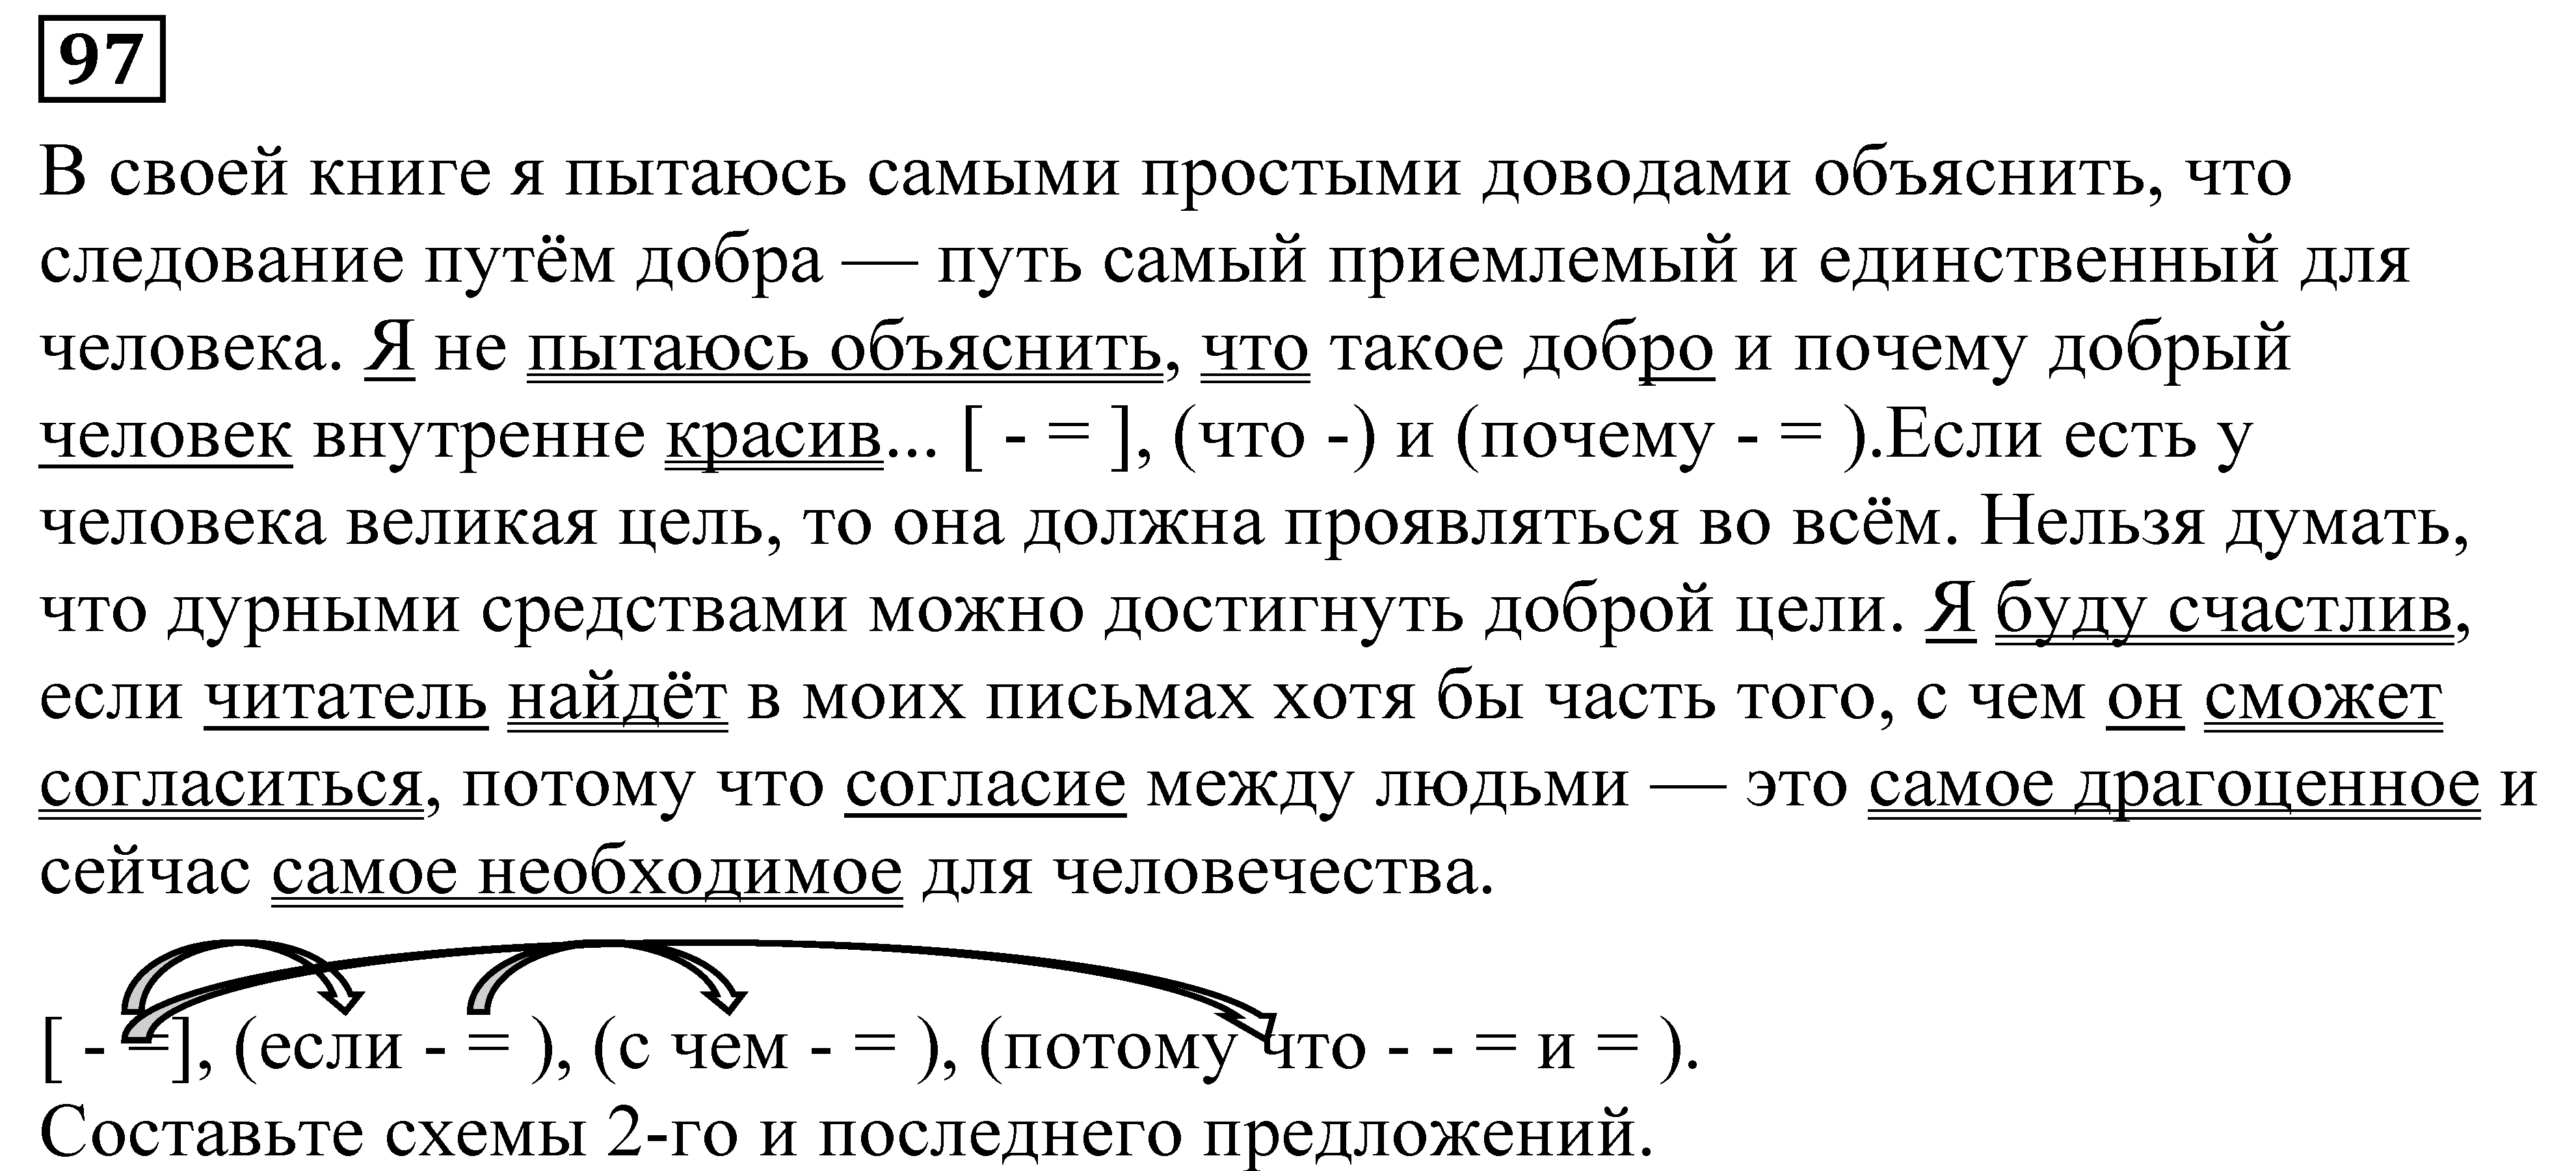 Гдз по русскому языку 9 класс пичугова ю. С. 230 упражнение.